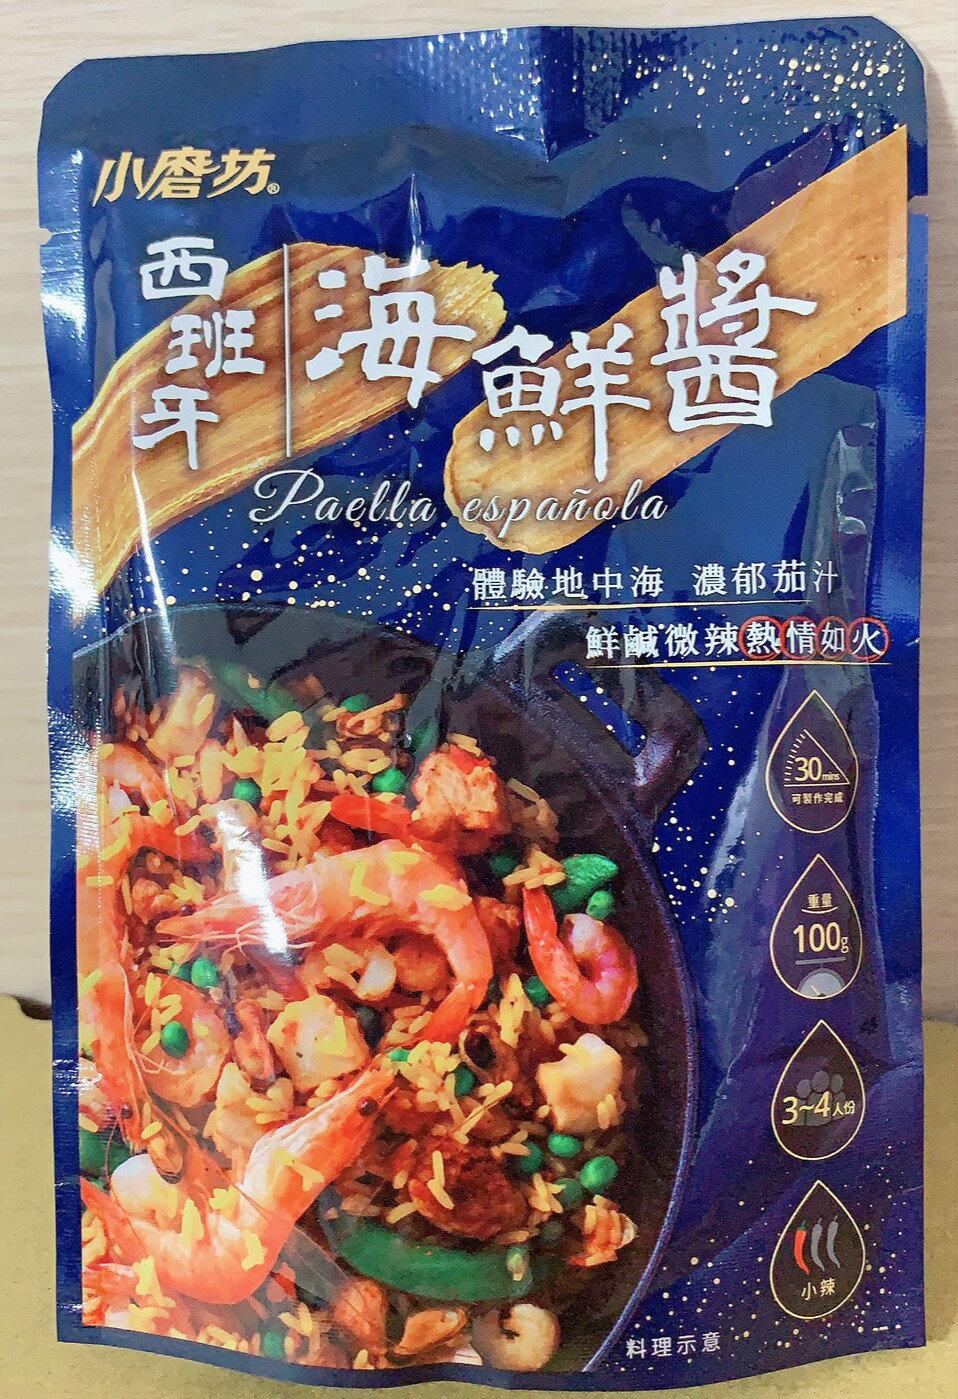 小磨坊 西班牙海鮮醬 醬料包 調理包 調味 燉飯 海鮮風味 單包販售 1